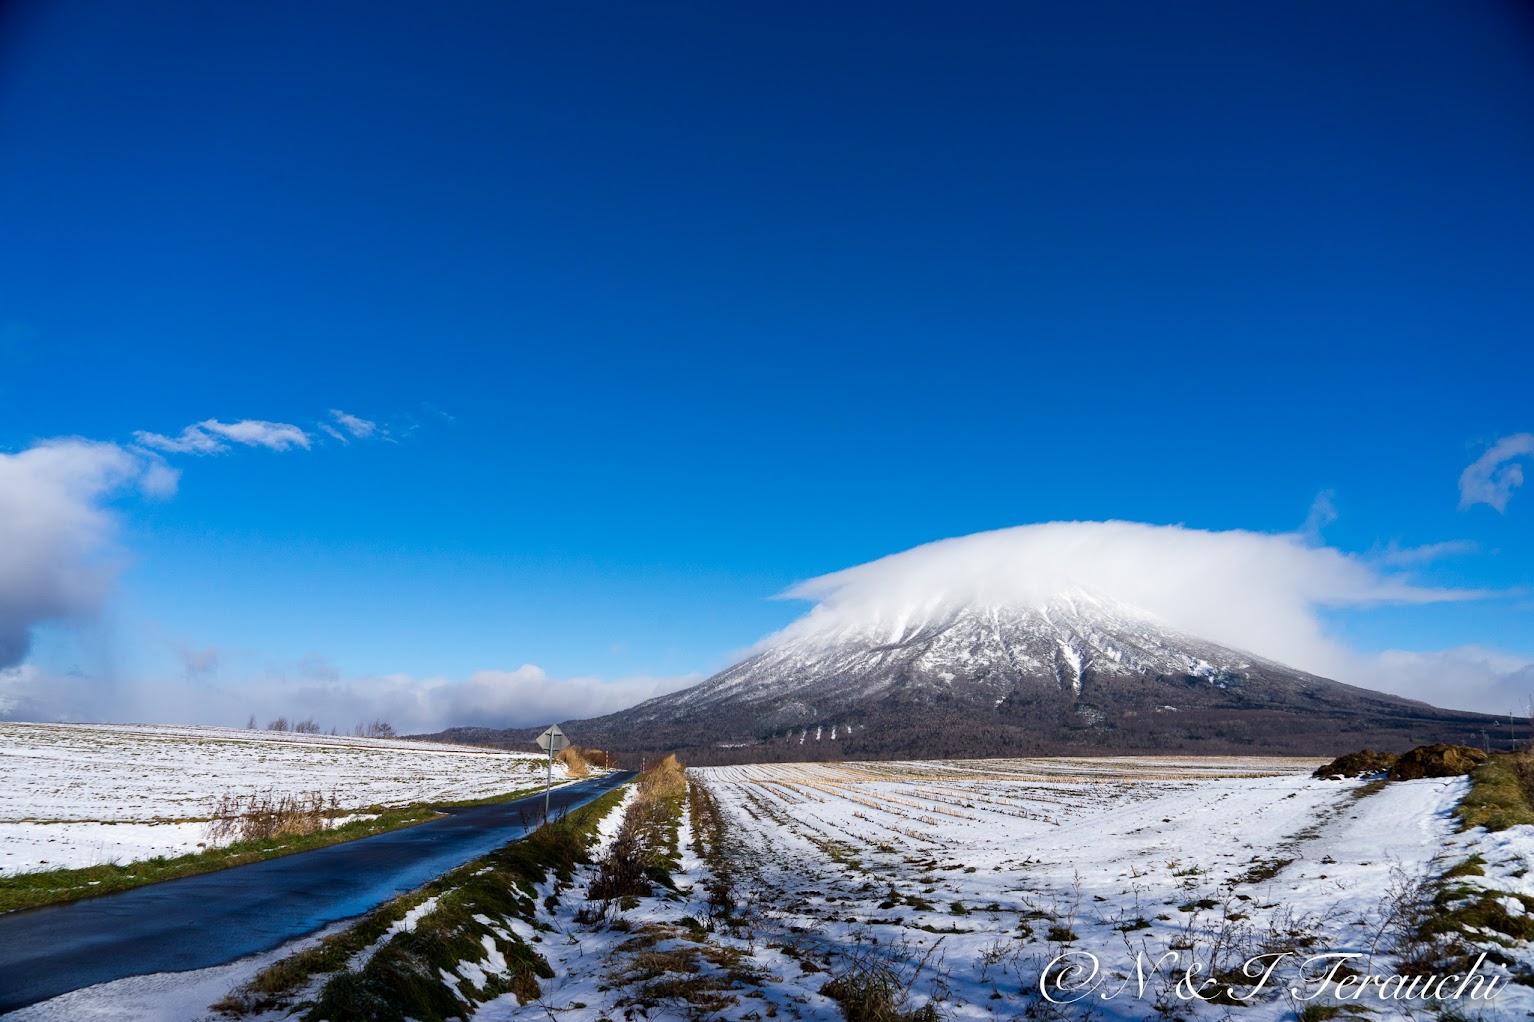 ふんわり雲の白い帽子をかぶった羊蹄山